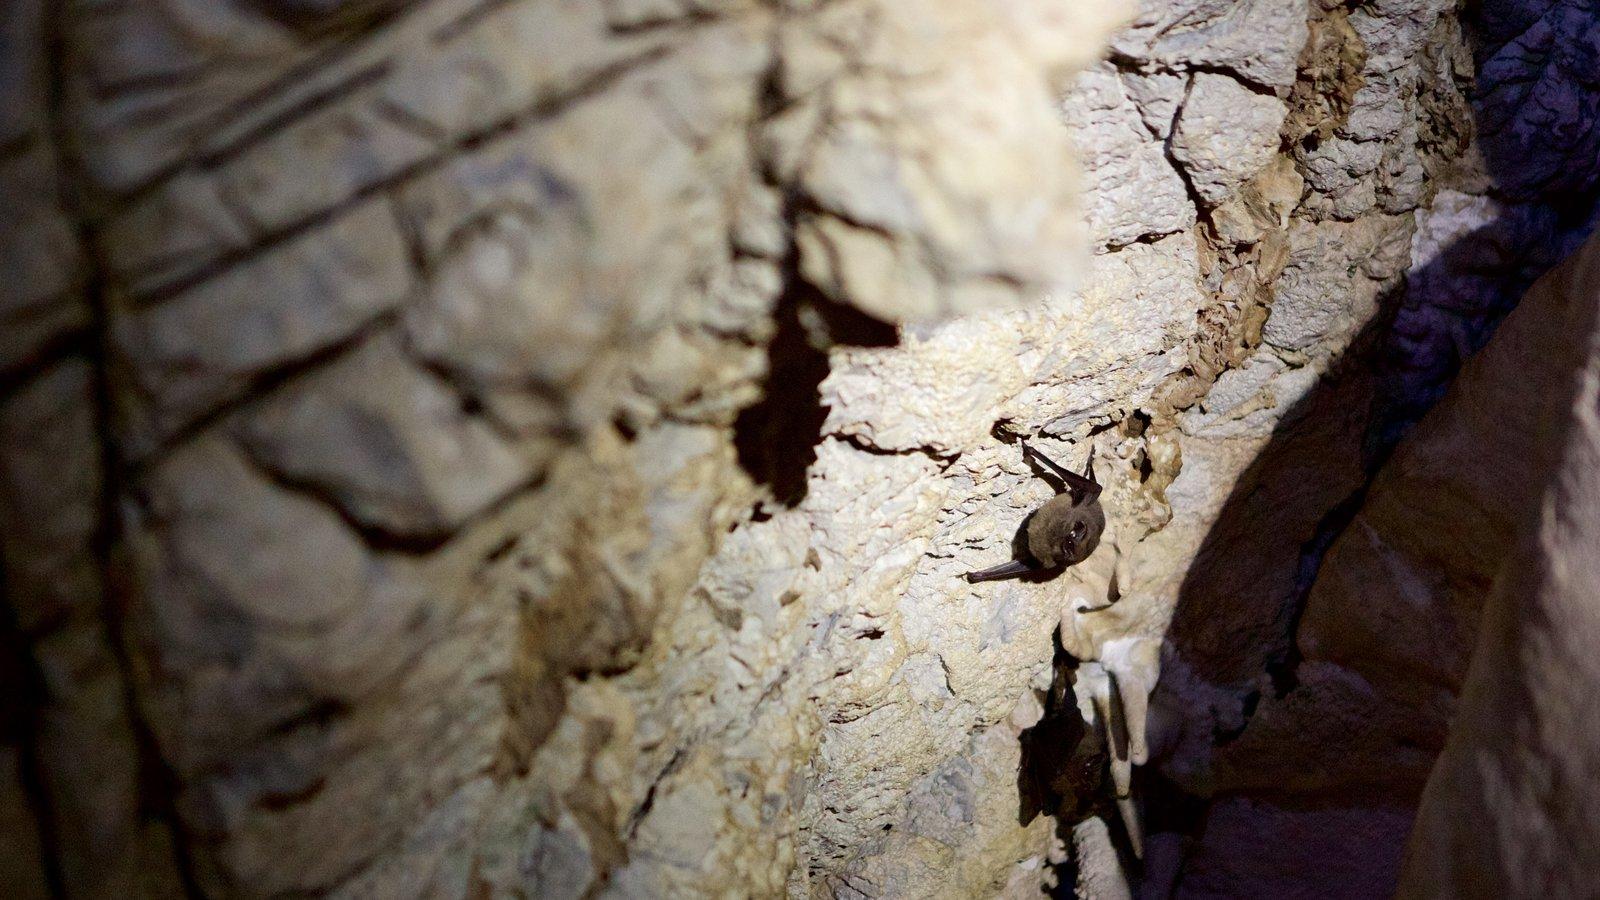 Grutas de São Miguel caracterizando animais, cavernas e cenas noturnas